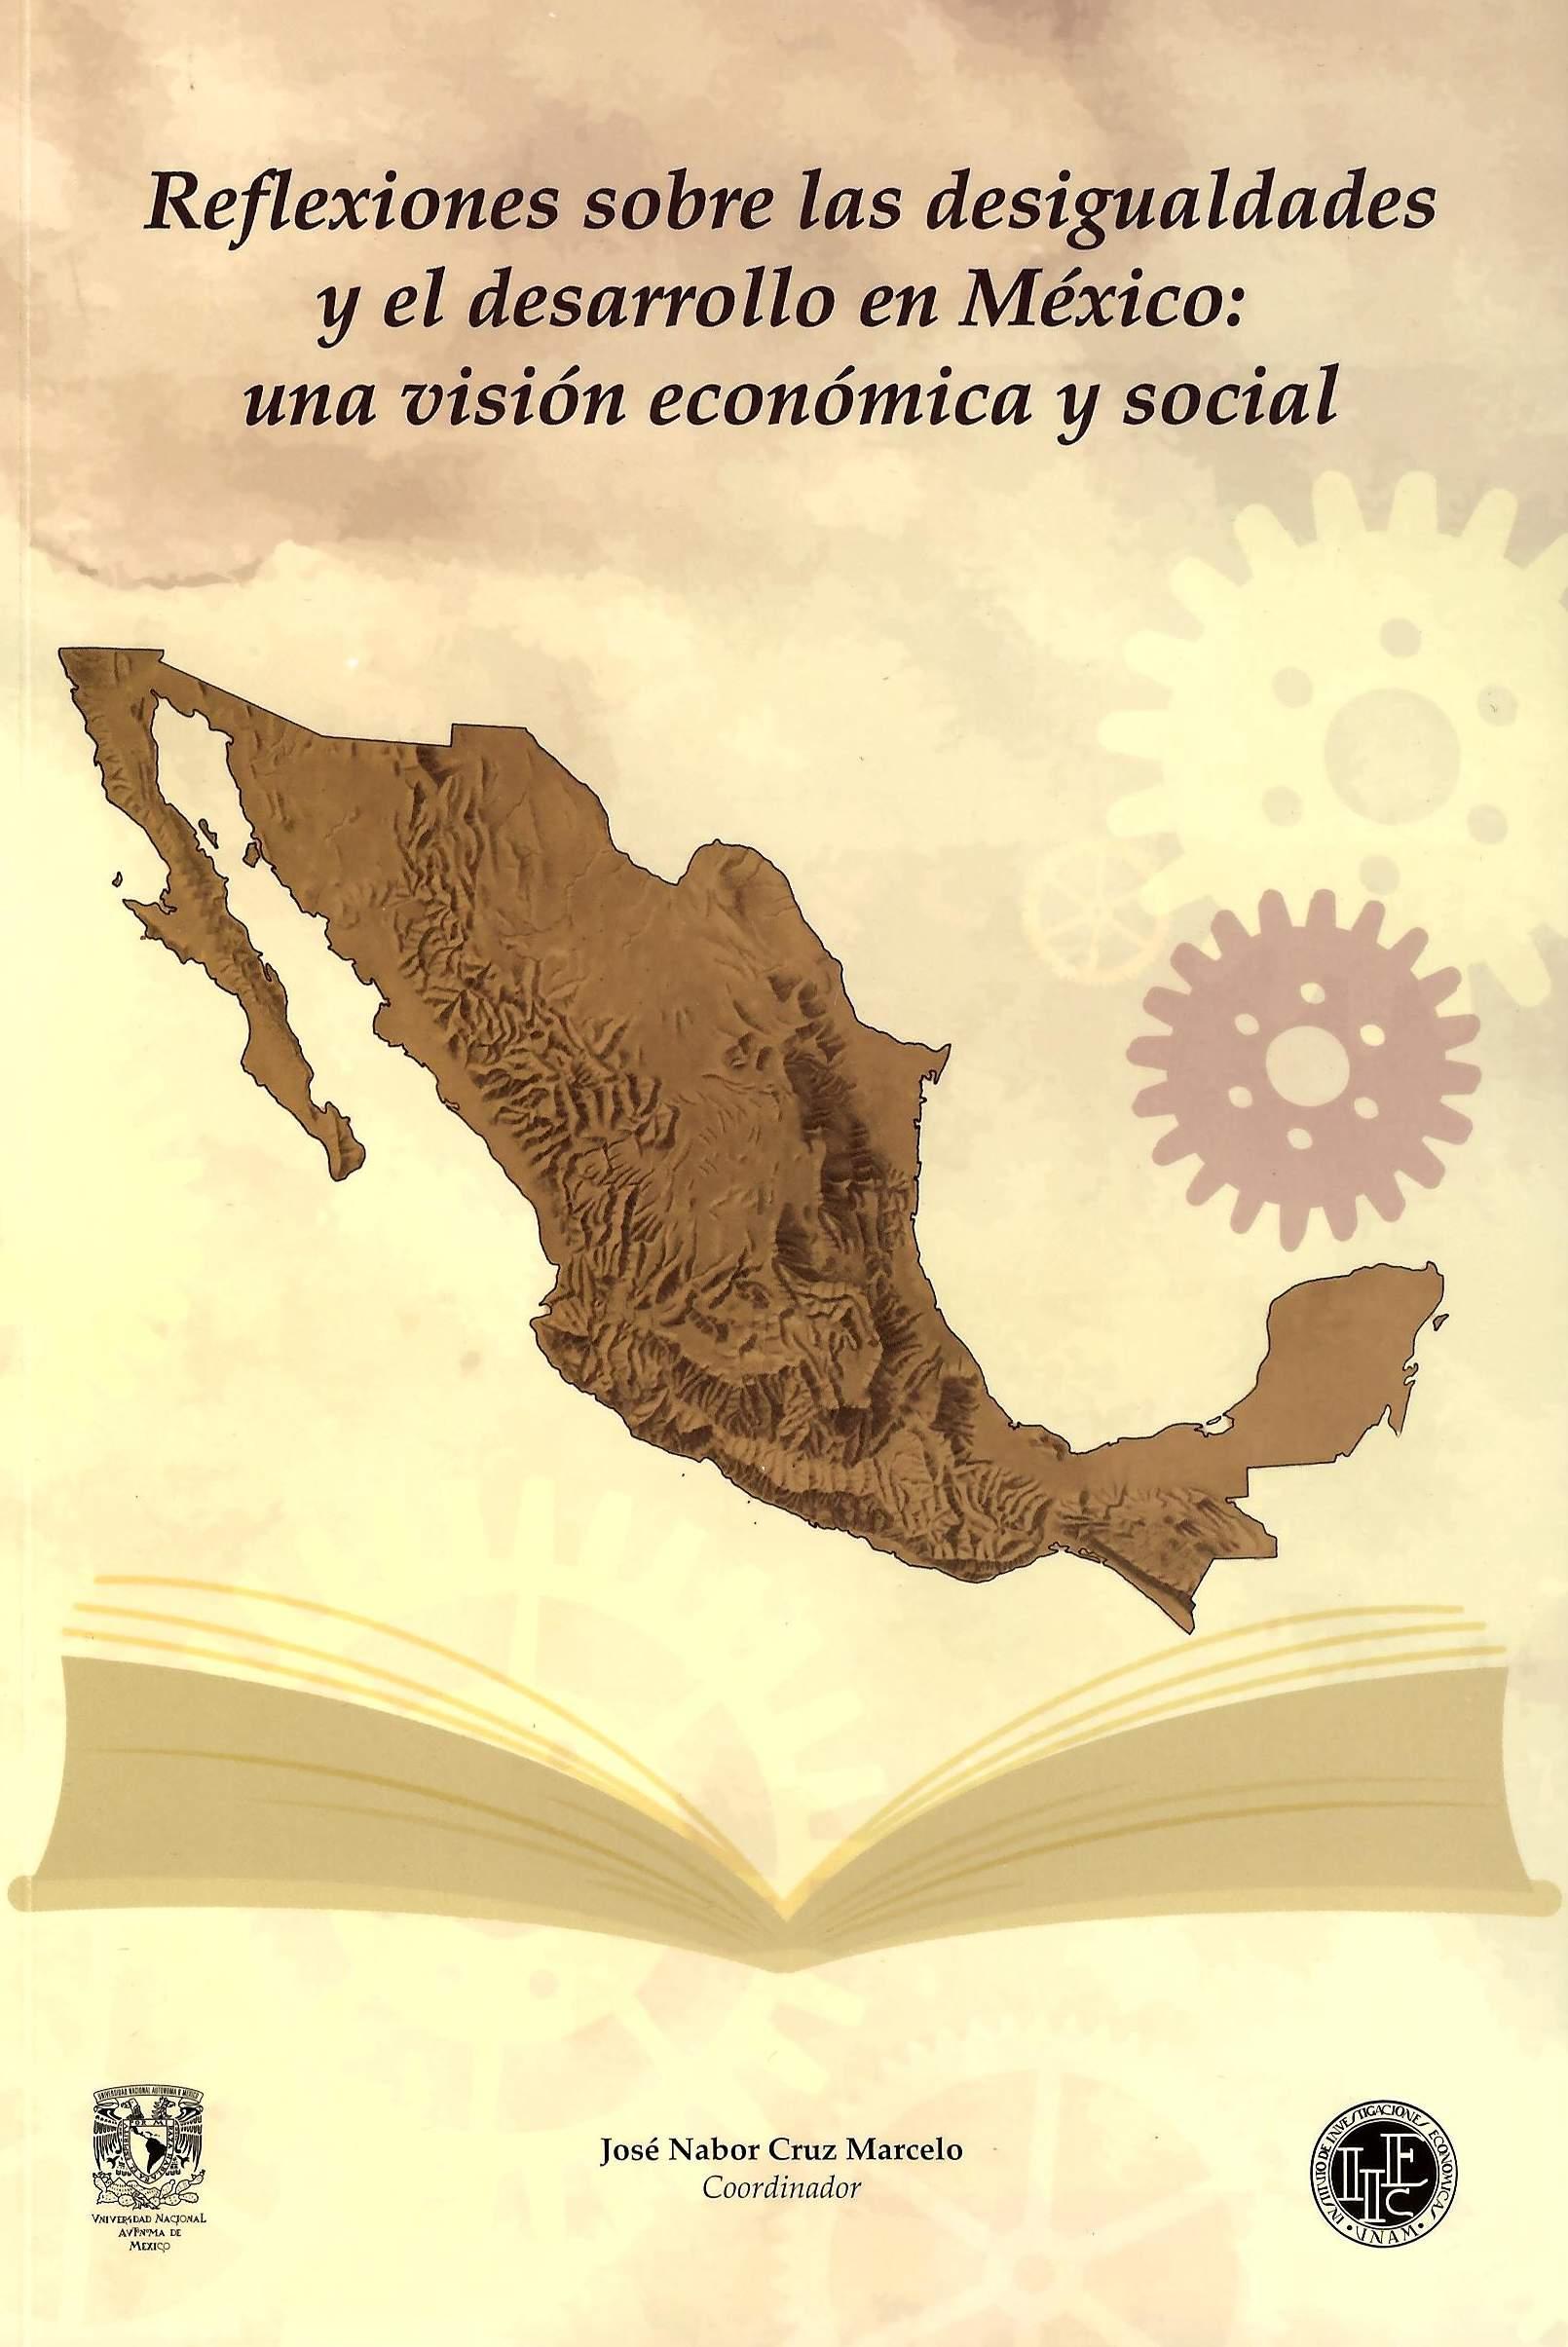 Reflexiones sobre las desigualdades y el desarrollo en México: una visión económica y social